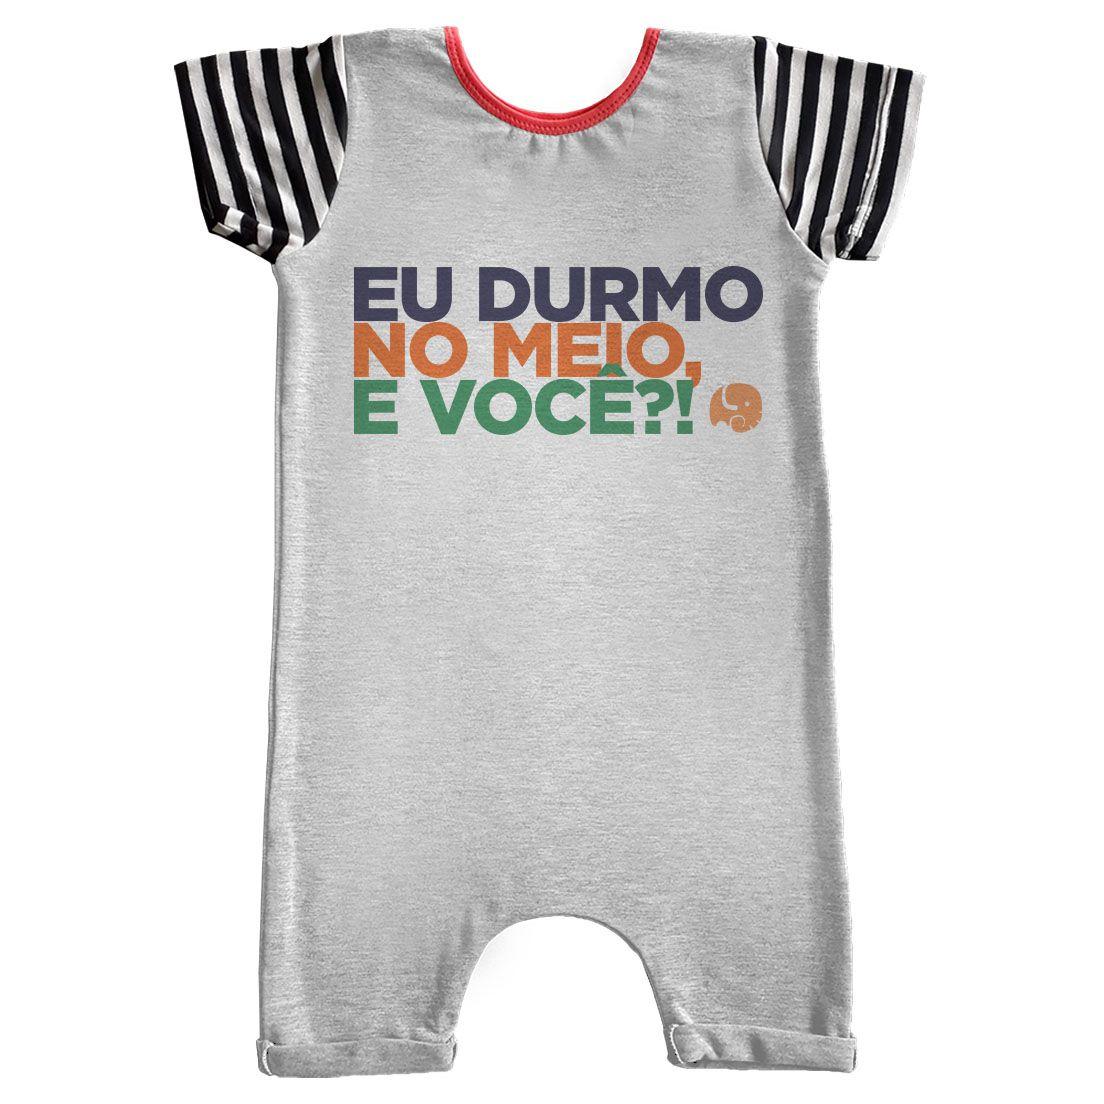 Pijama Comfy Durmo no Meio